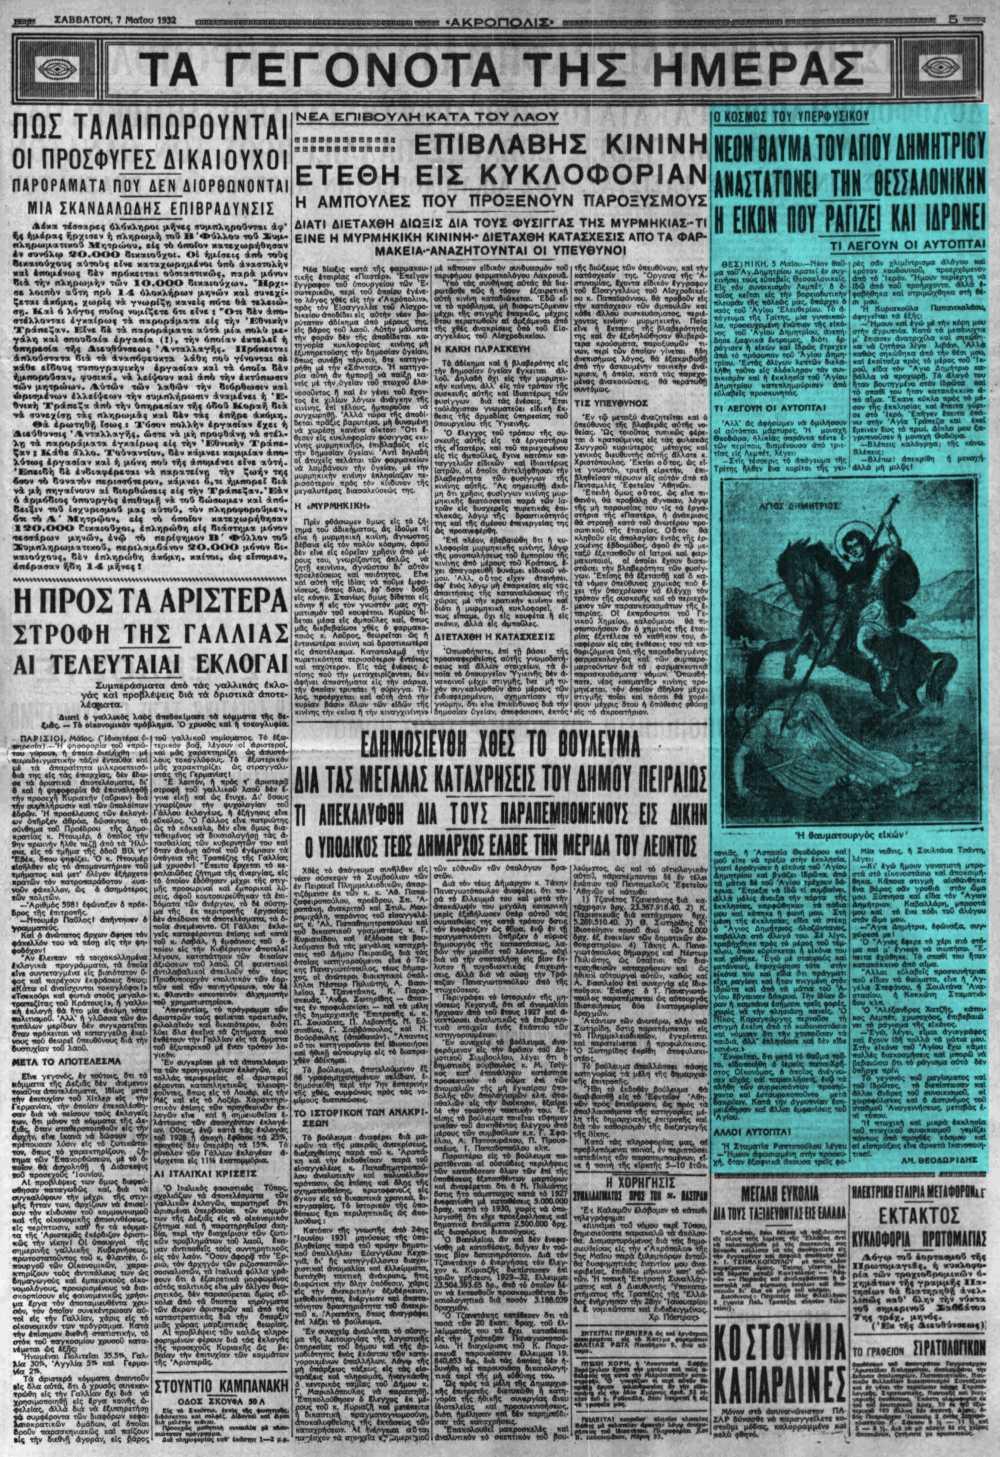 """Το άρθρο, όπως δημοσιεύθηκε στην εφημερίδα """"ΑΚΡΟΠΟΛΙΣ"""", στις 07/05/1932"""